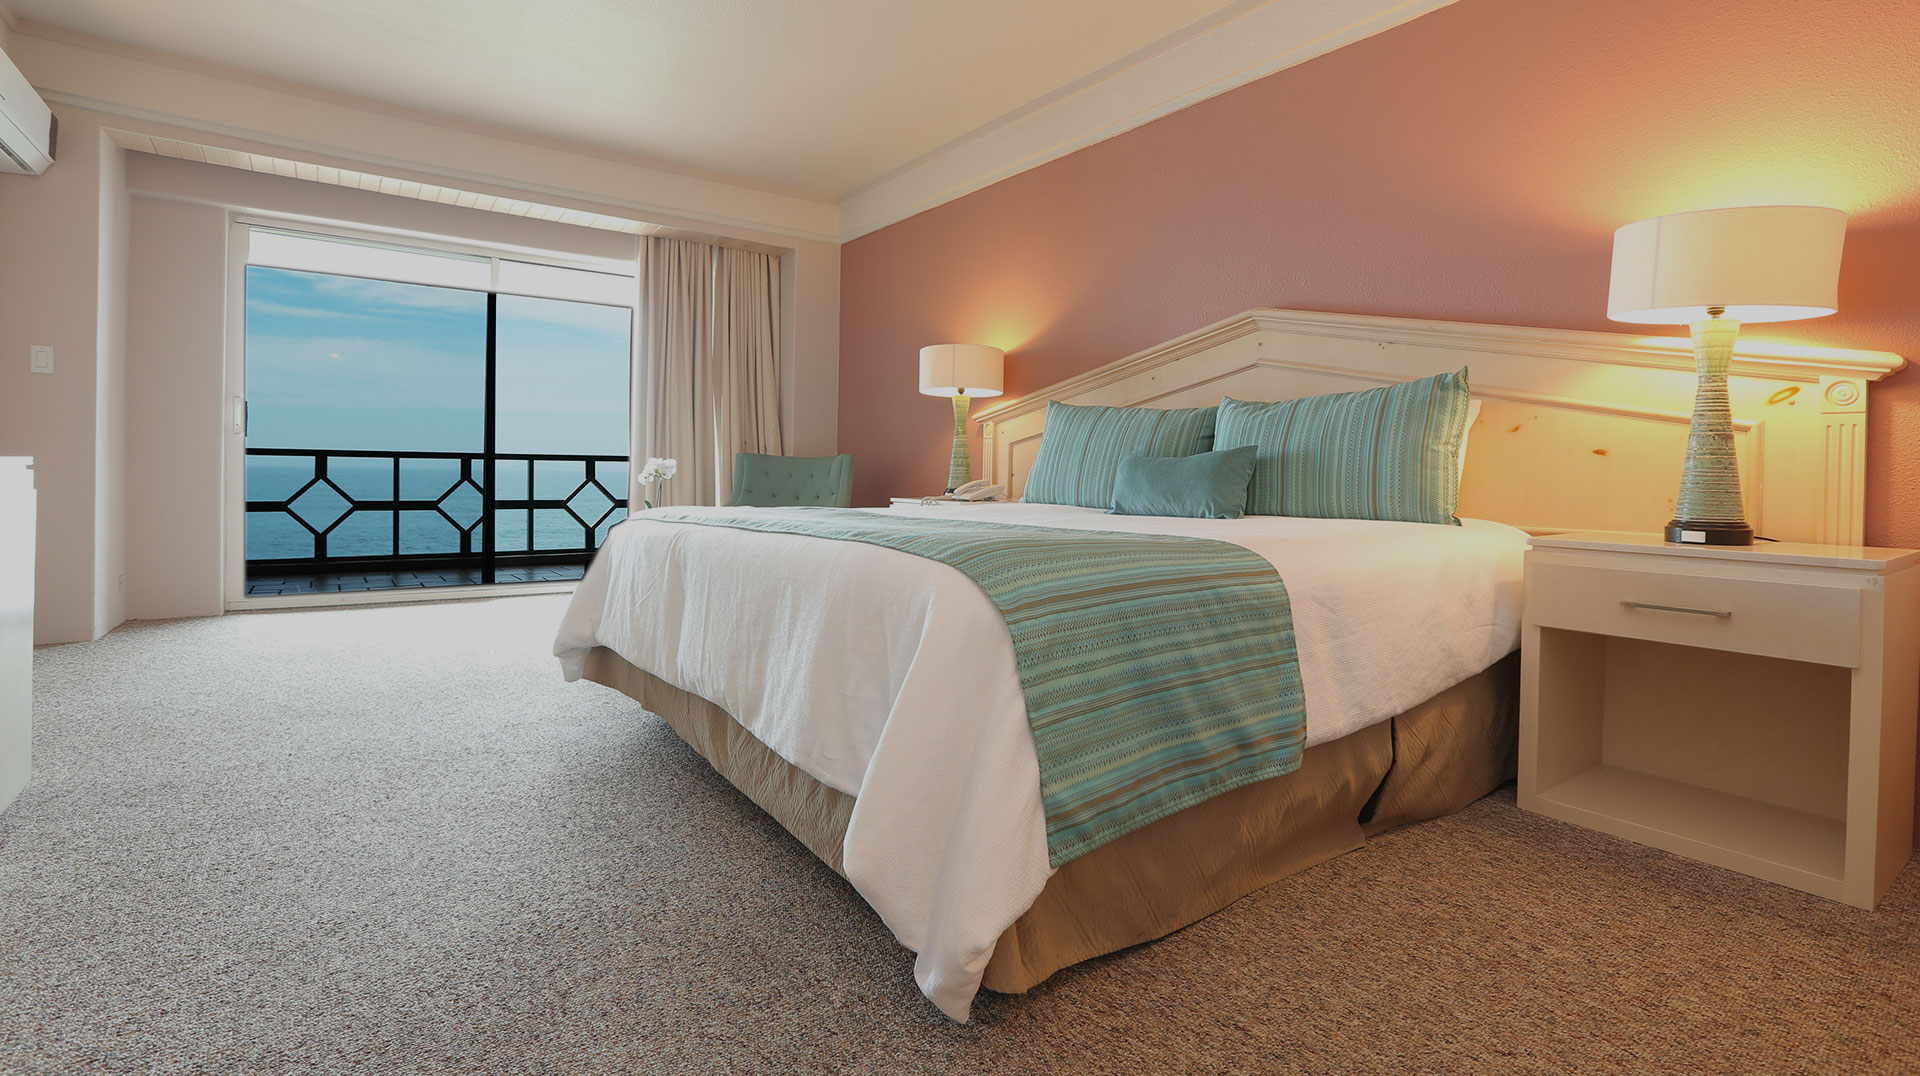 habitaciones las rosas hotel Ensenada